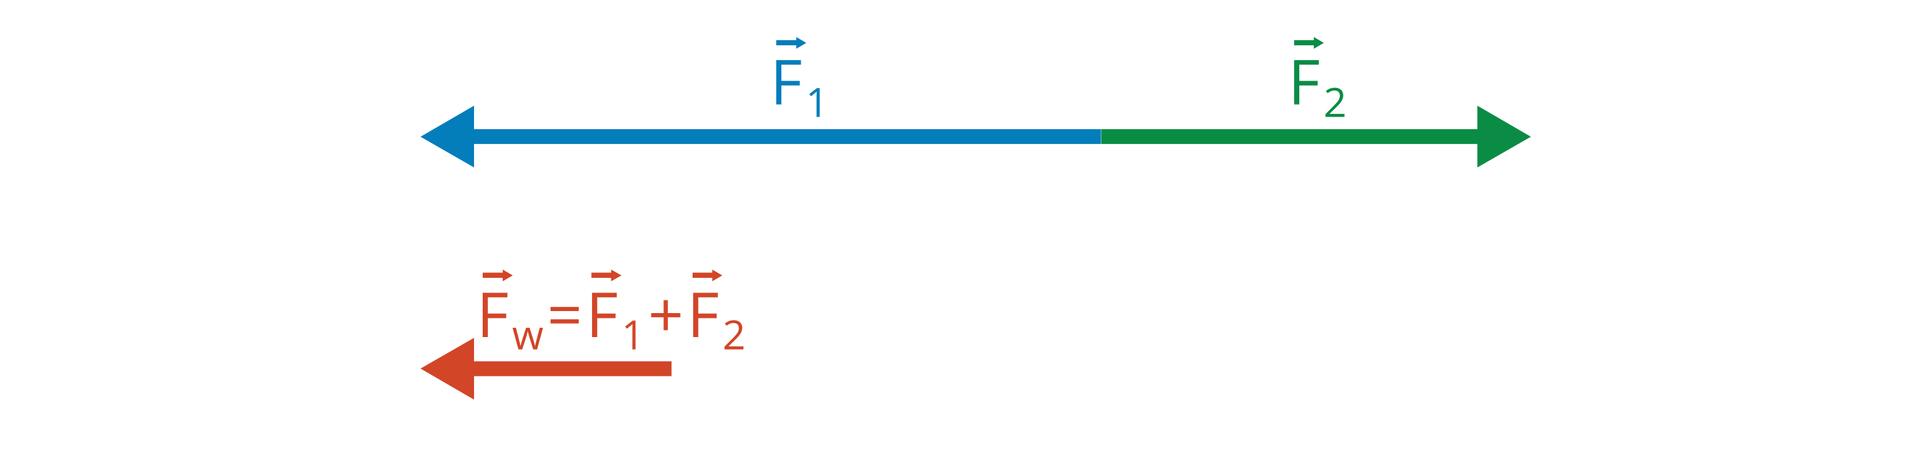 Ilustracja przedstawia schemat dodawania wektorów, które leżą na tej samej prostej, czyli mających ten sam kierunek. Gdy wektory mają przeciwne zwroty, długości odejmujemy, awynikowy wektor ma zwrot wektora dłuższego.